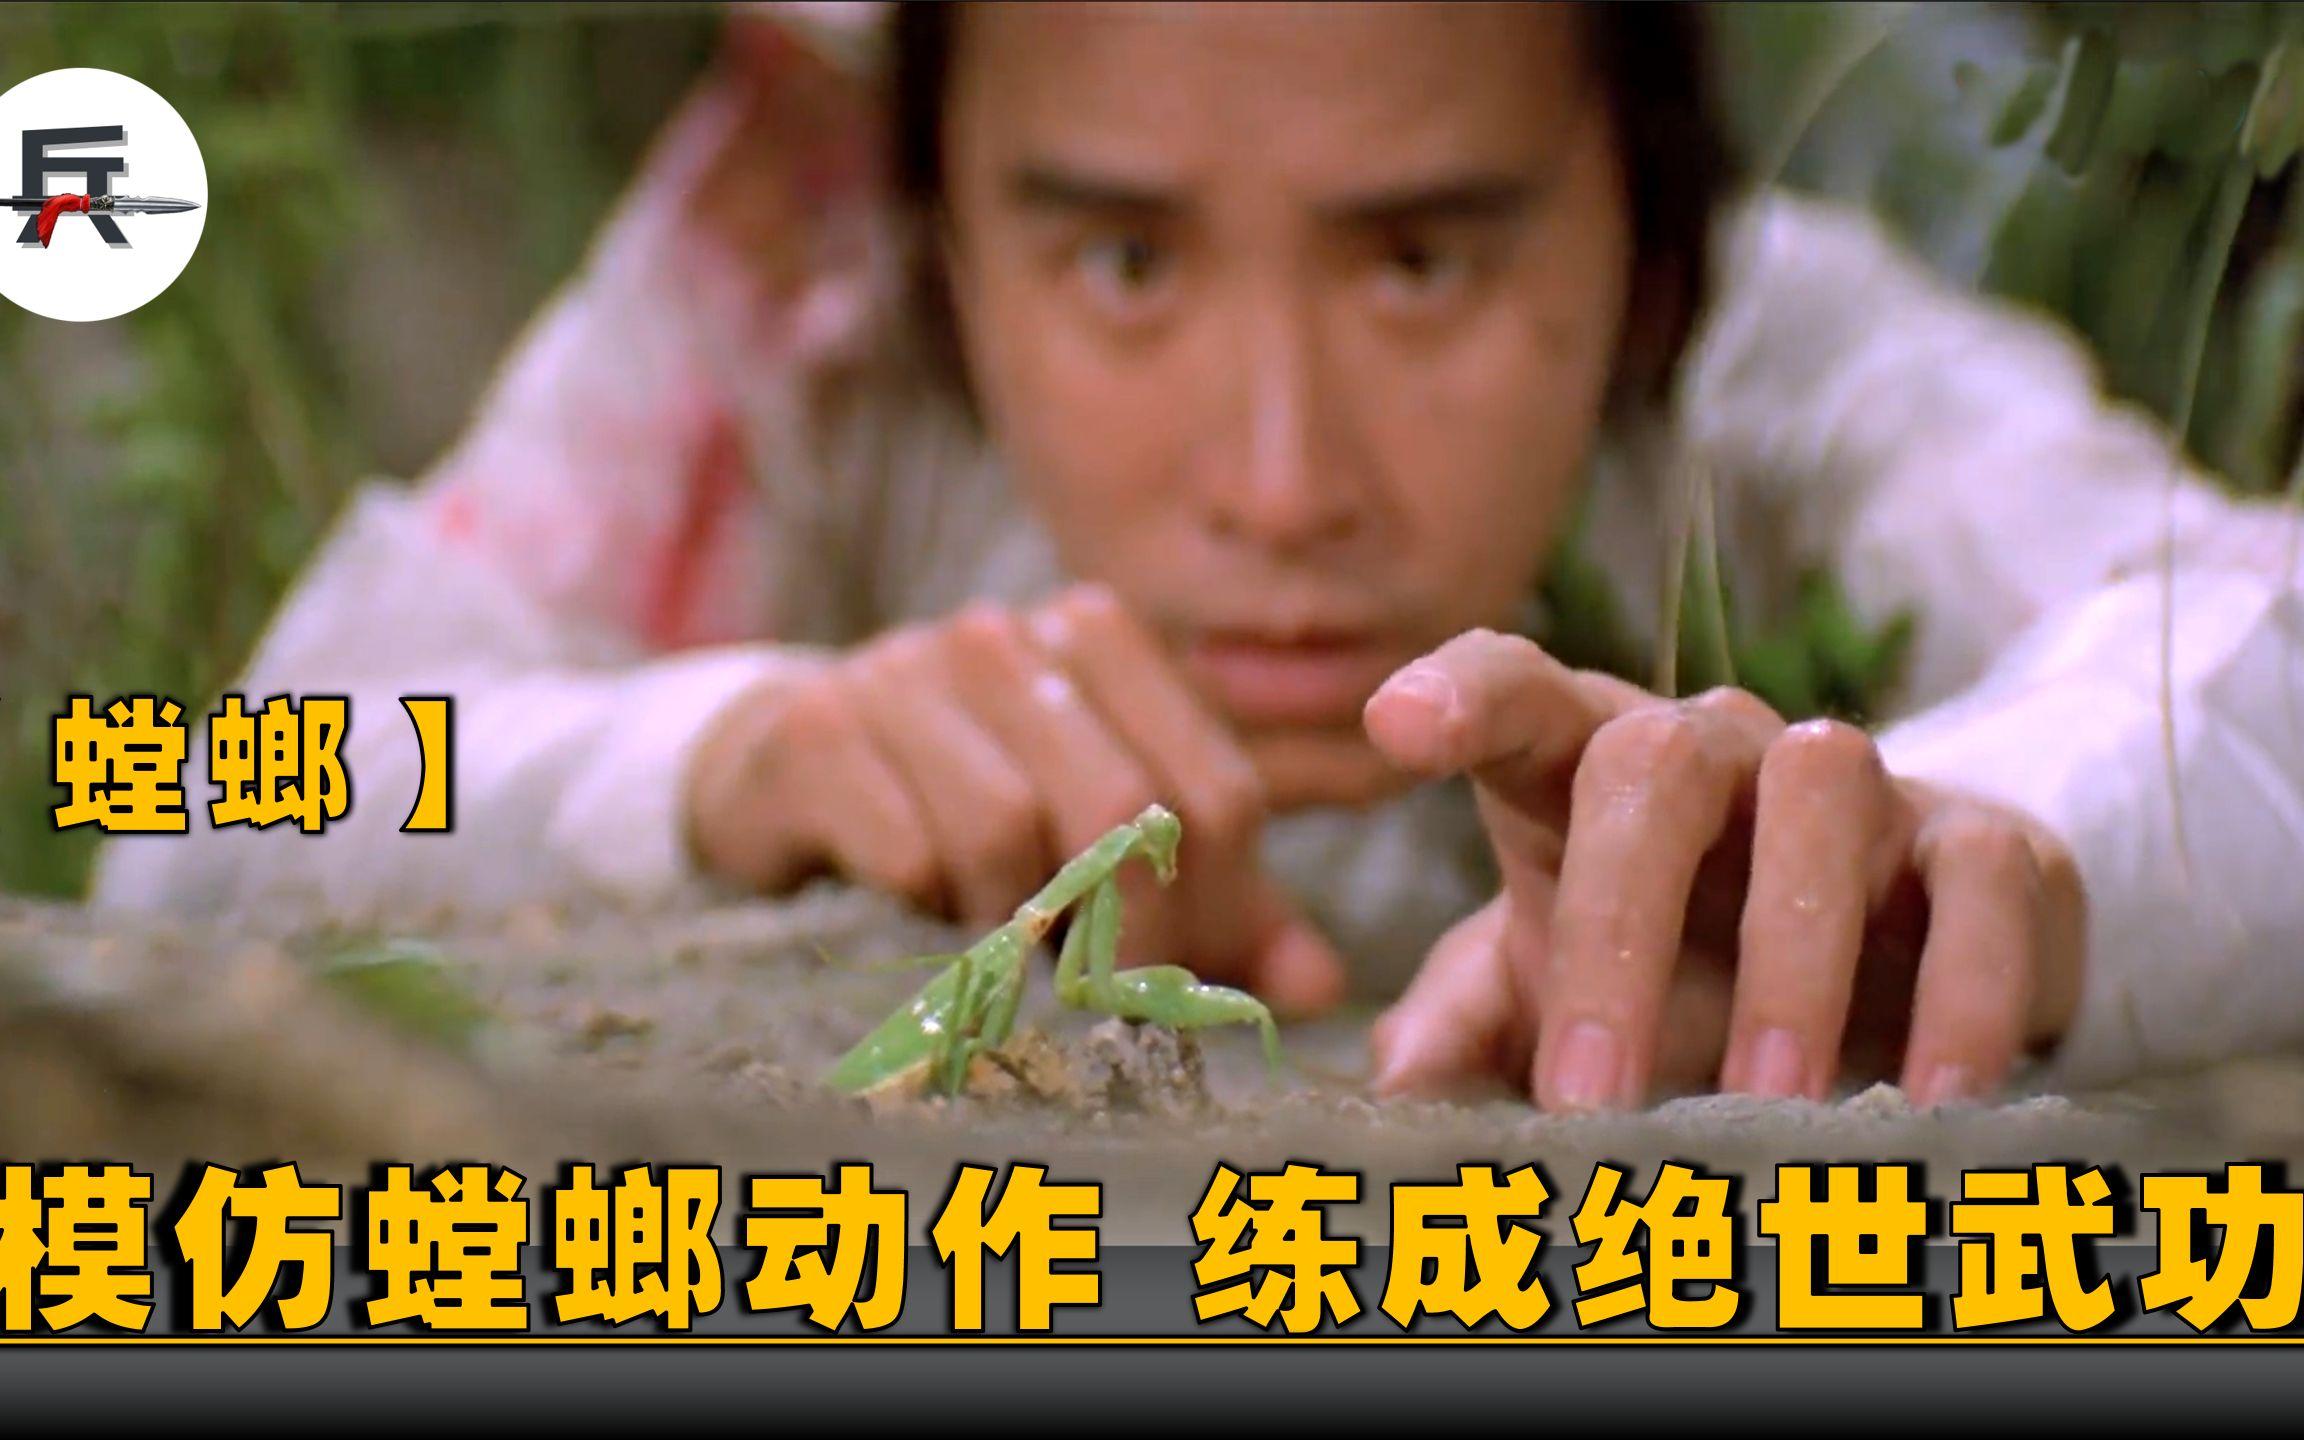 男子模仿螳螂动作,看着很奇怪,却意外练成绝世武功!武侠